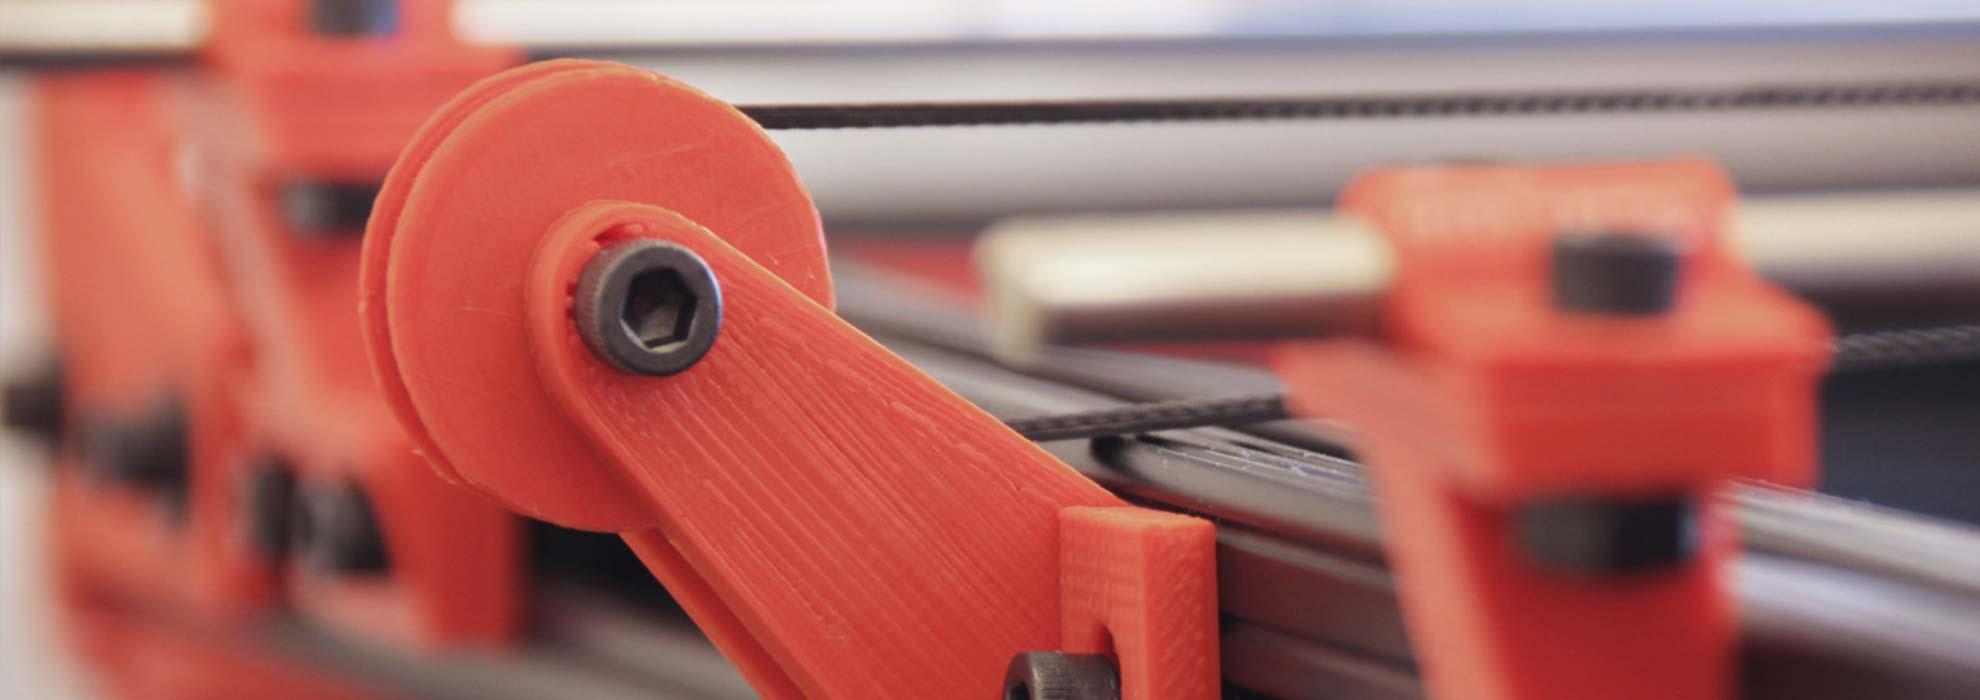 Комплектующие напечатанные на 3Д принтере